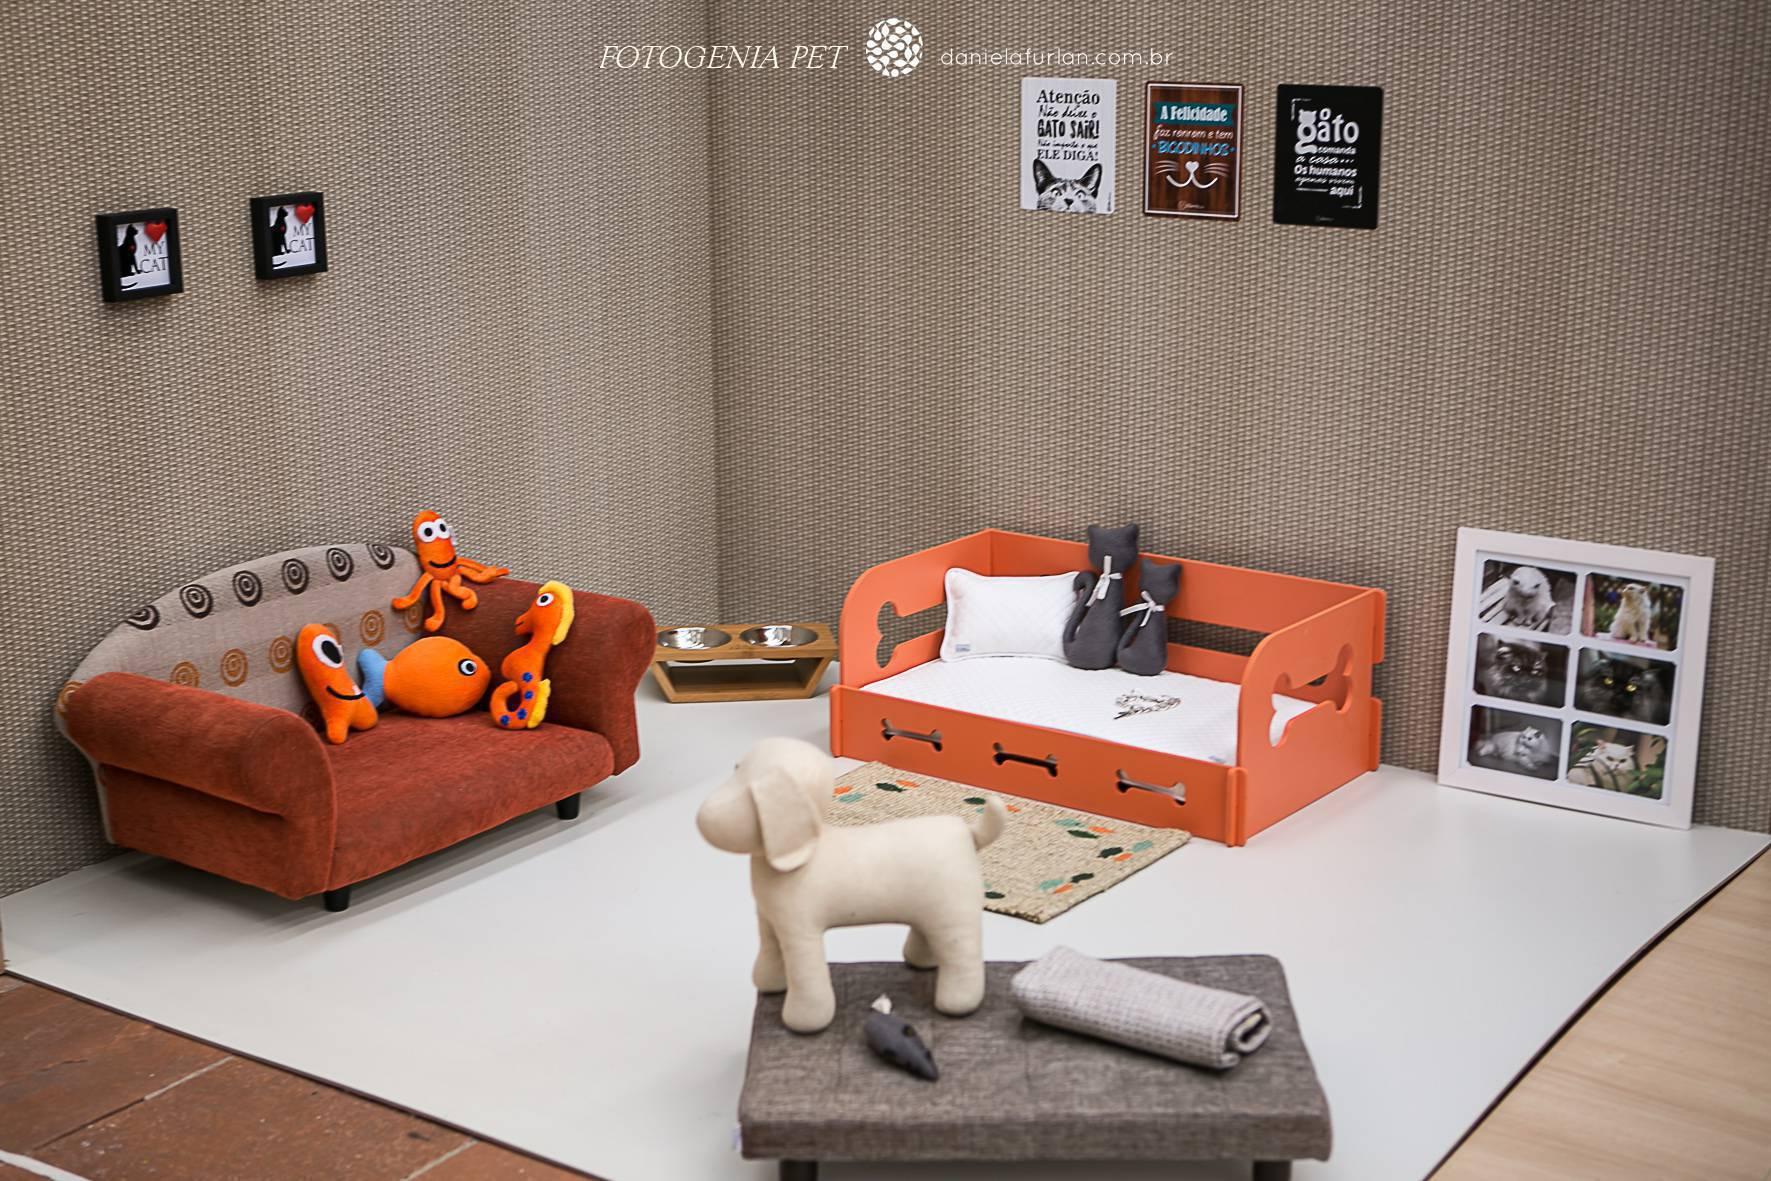 Decoração para pets - sala de estar